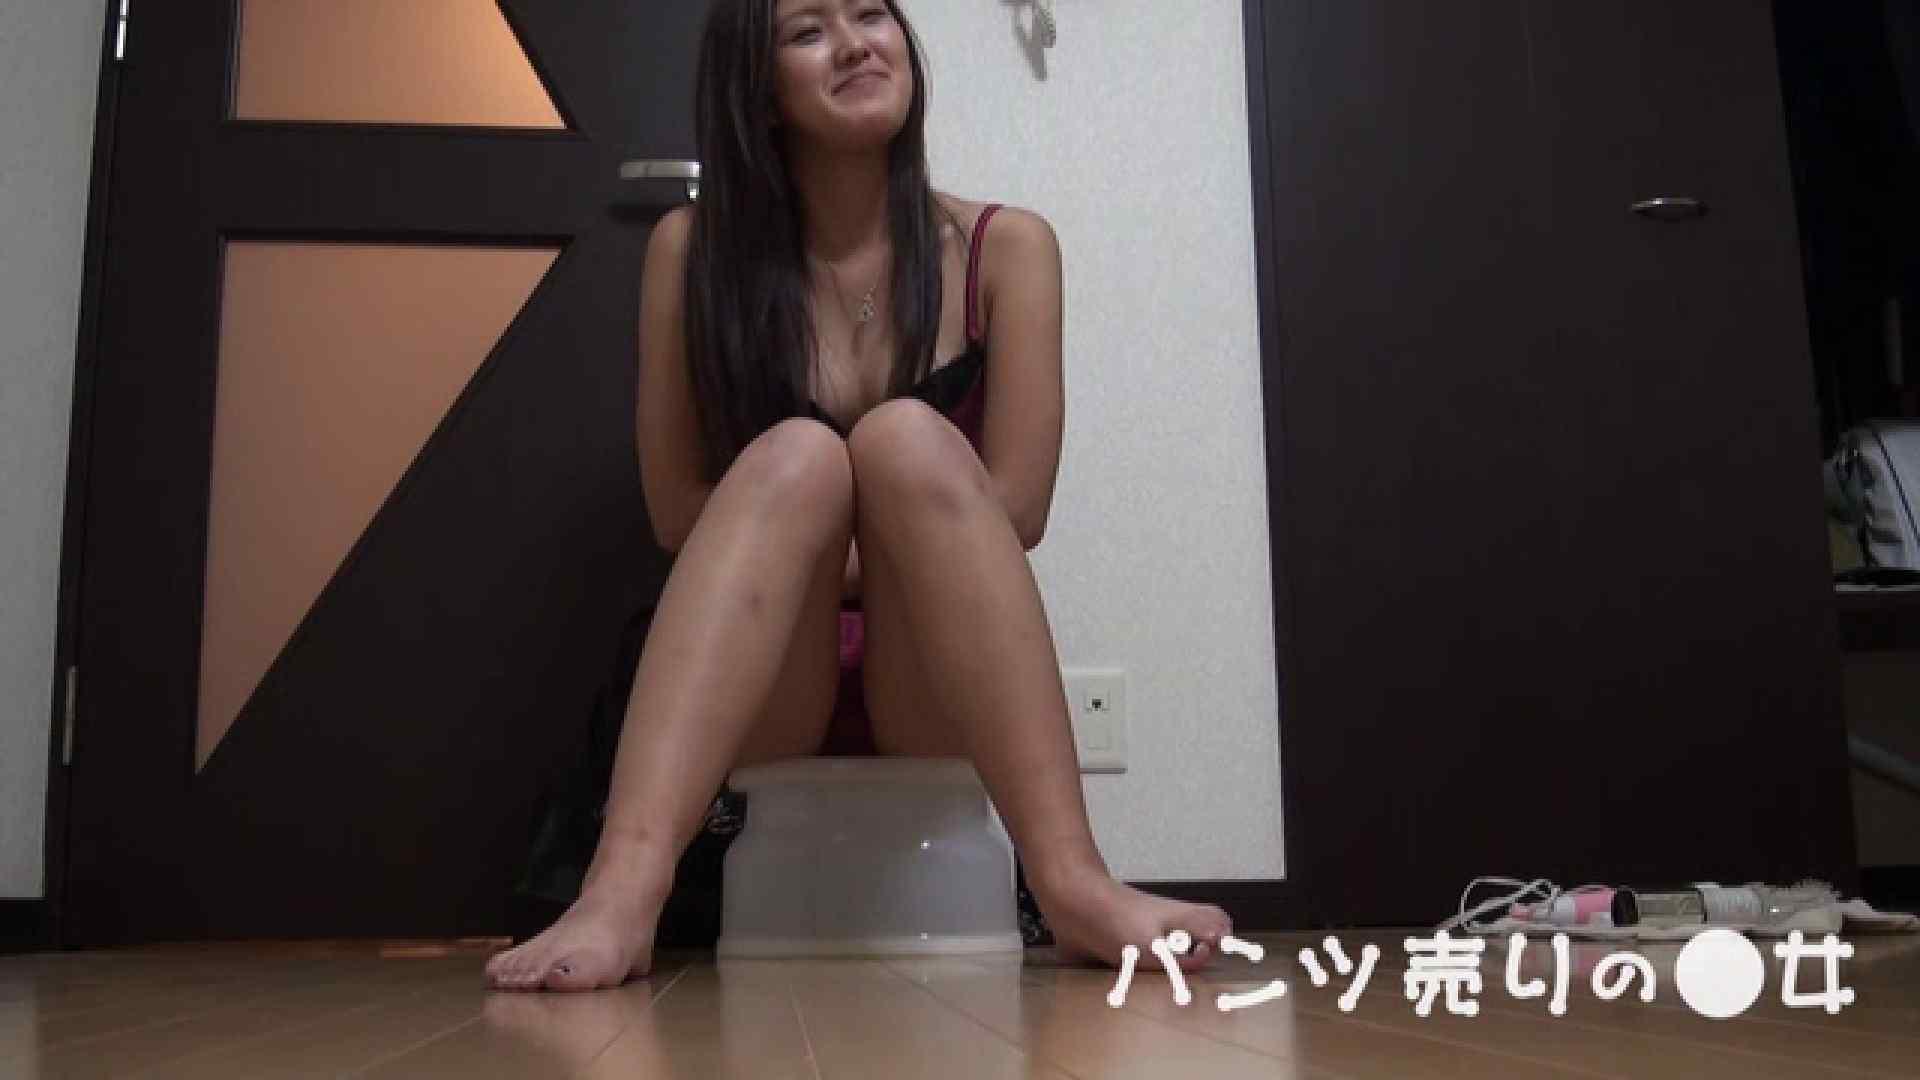 新説 パンツ売りの女の子ayu 盗撮 | おまんこモロ出し  110pic 57